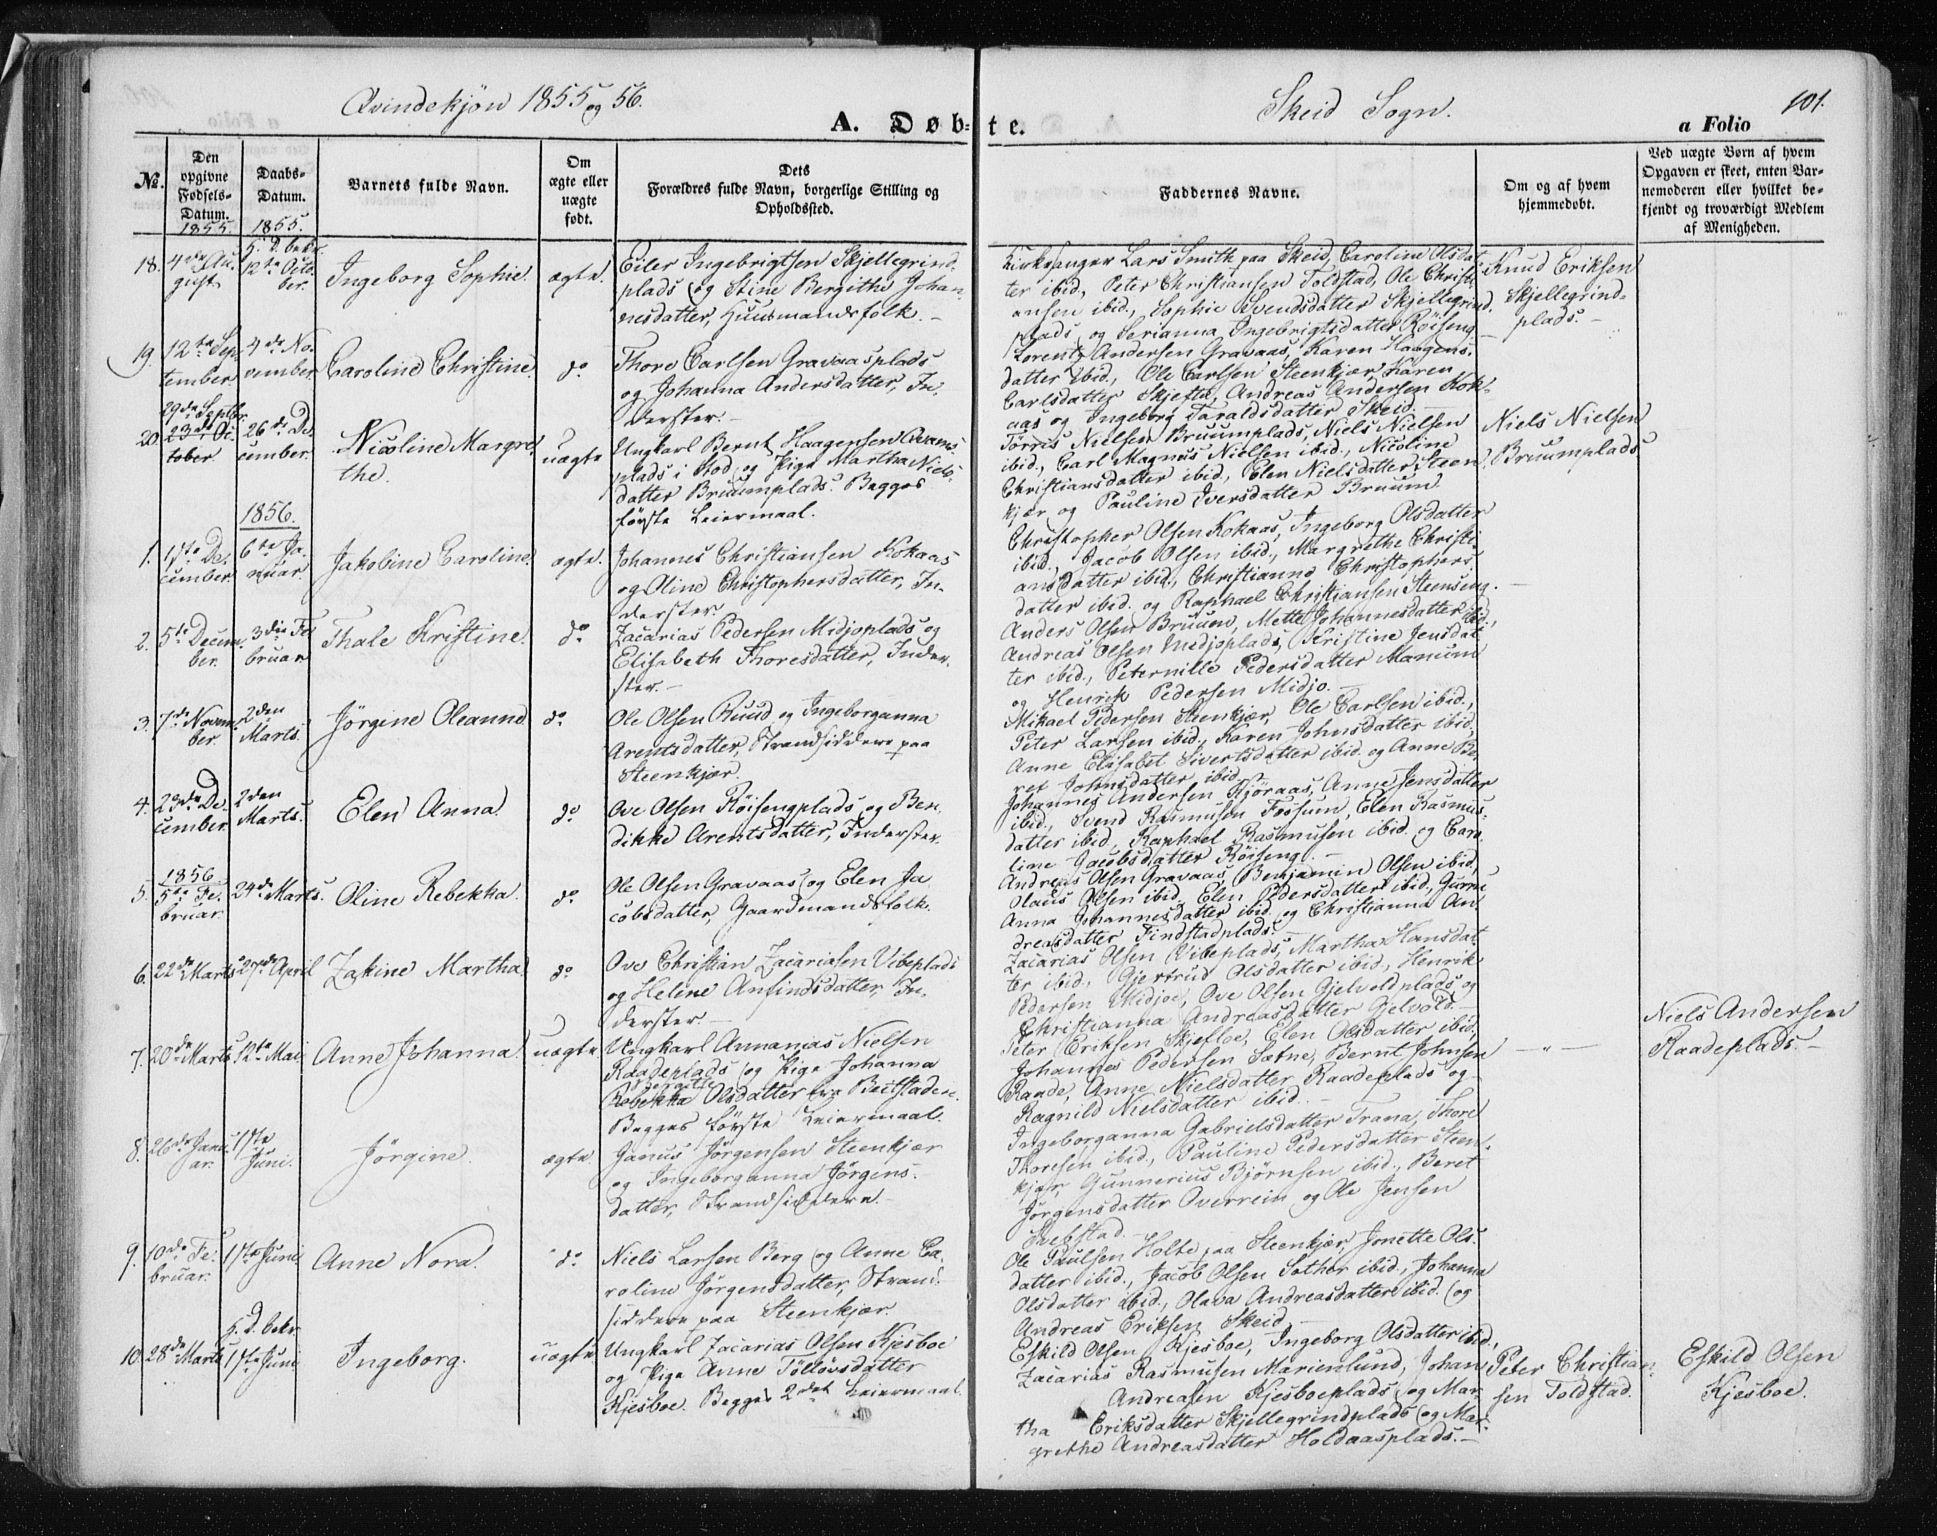 SAT, Ministerialprotokoller, klokkerbøker og fødselsregistre - Nord-Trøndelag, 735/L0342: Ministerialbok nr. 735A07 /2, 1849-1862, s. 101